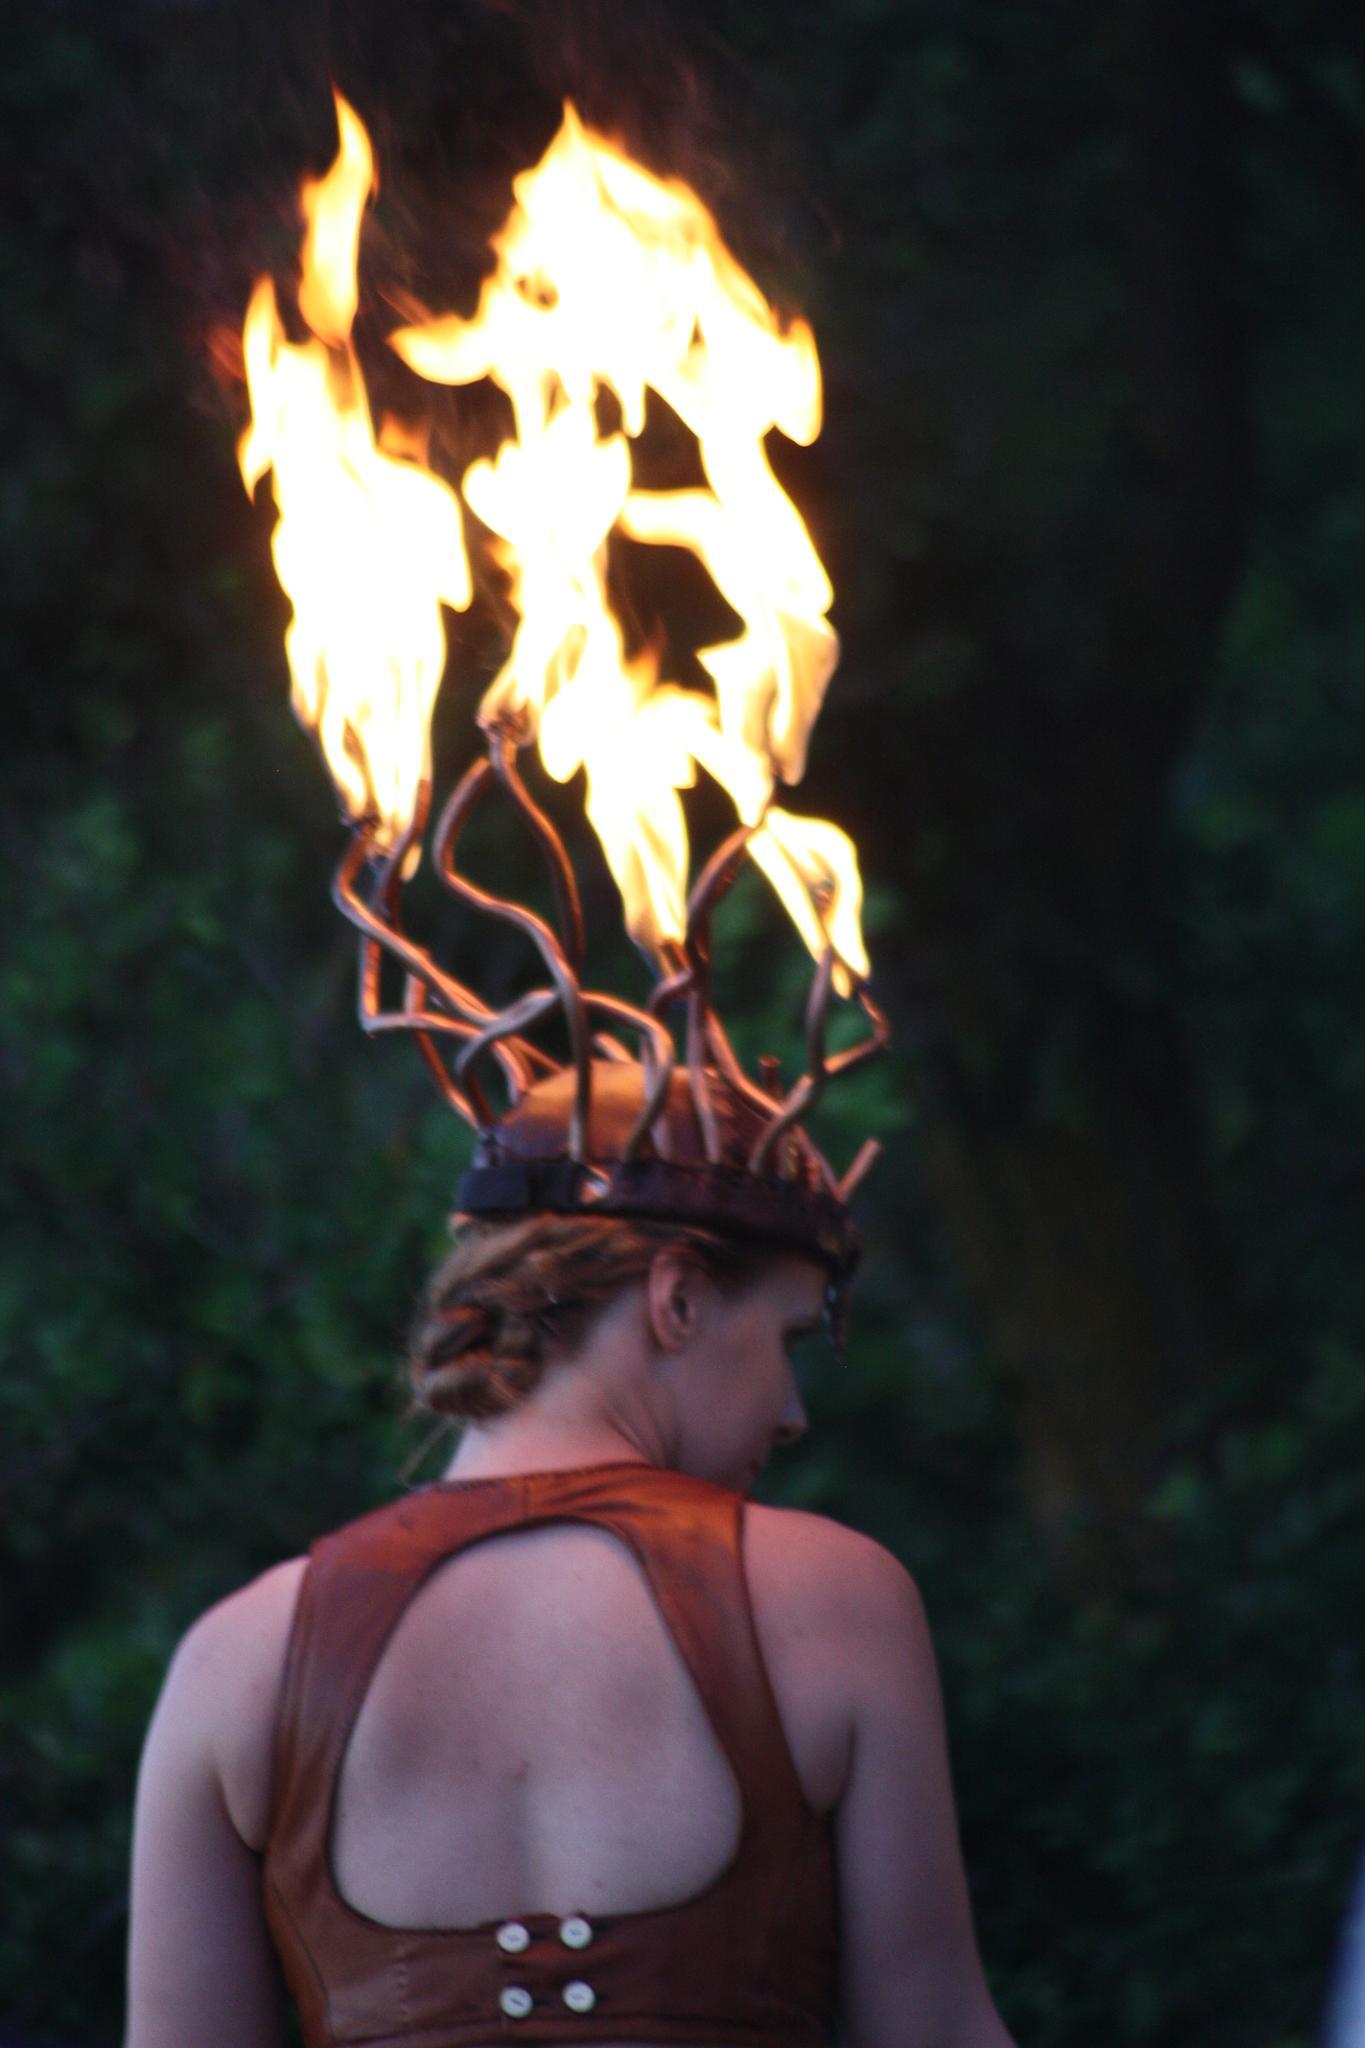 Horn of fire by karinbelinki